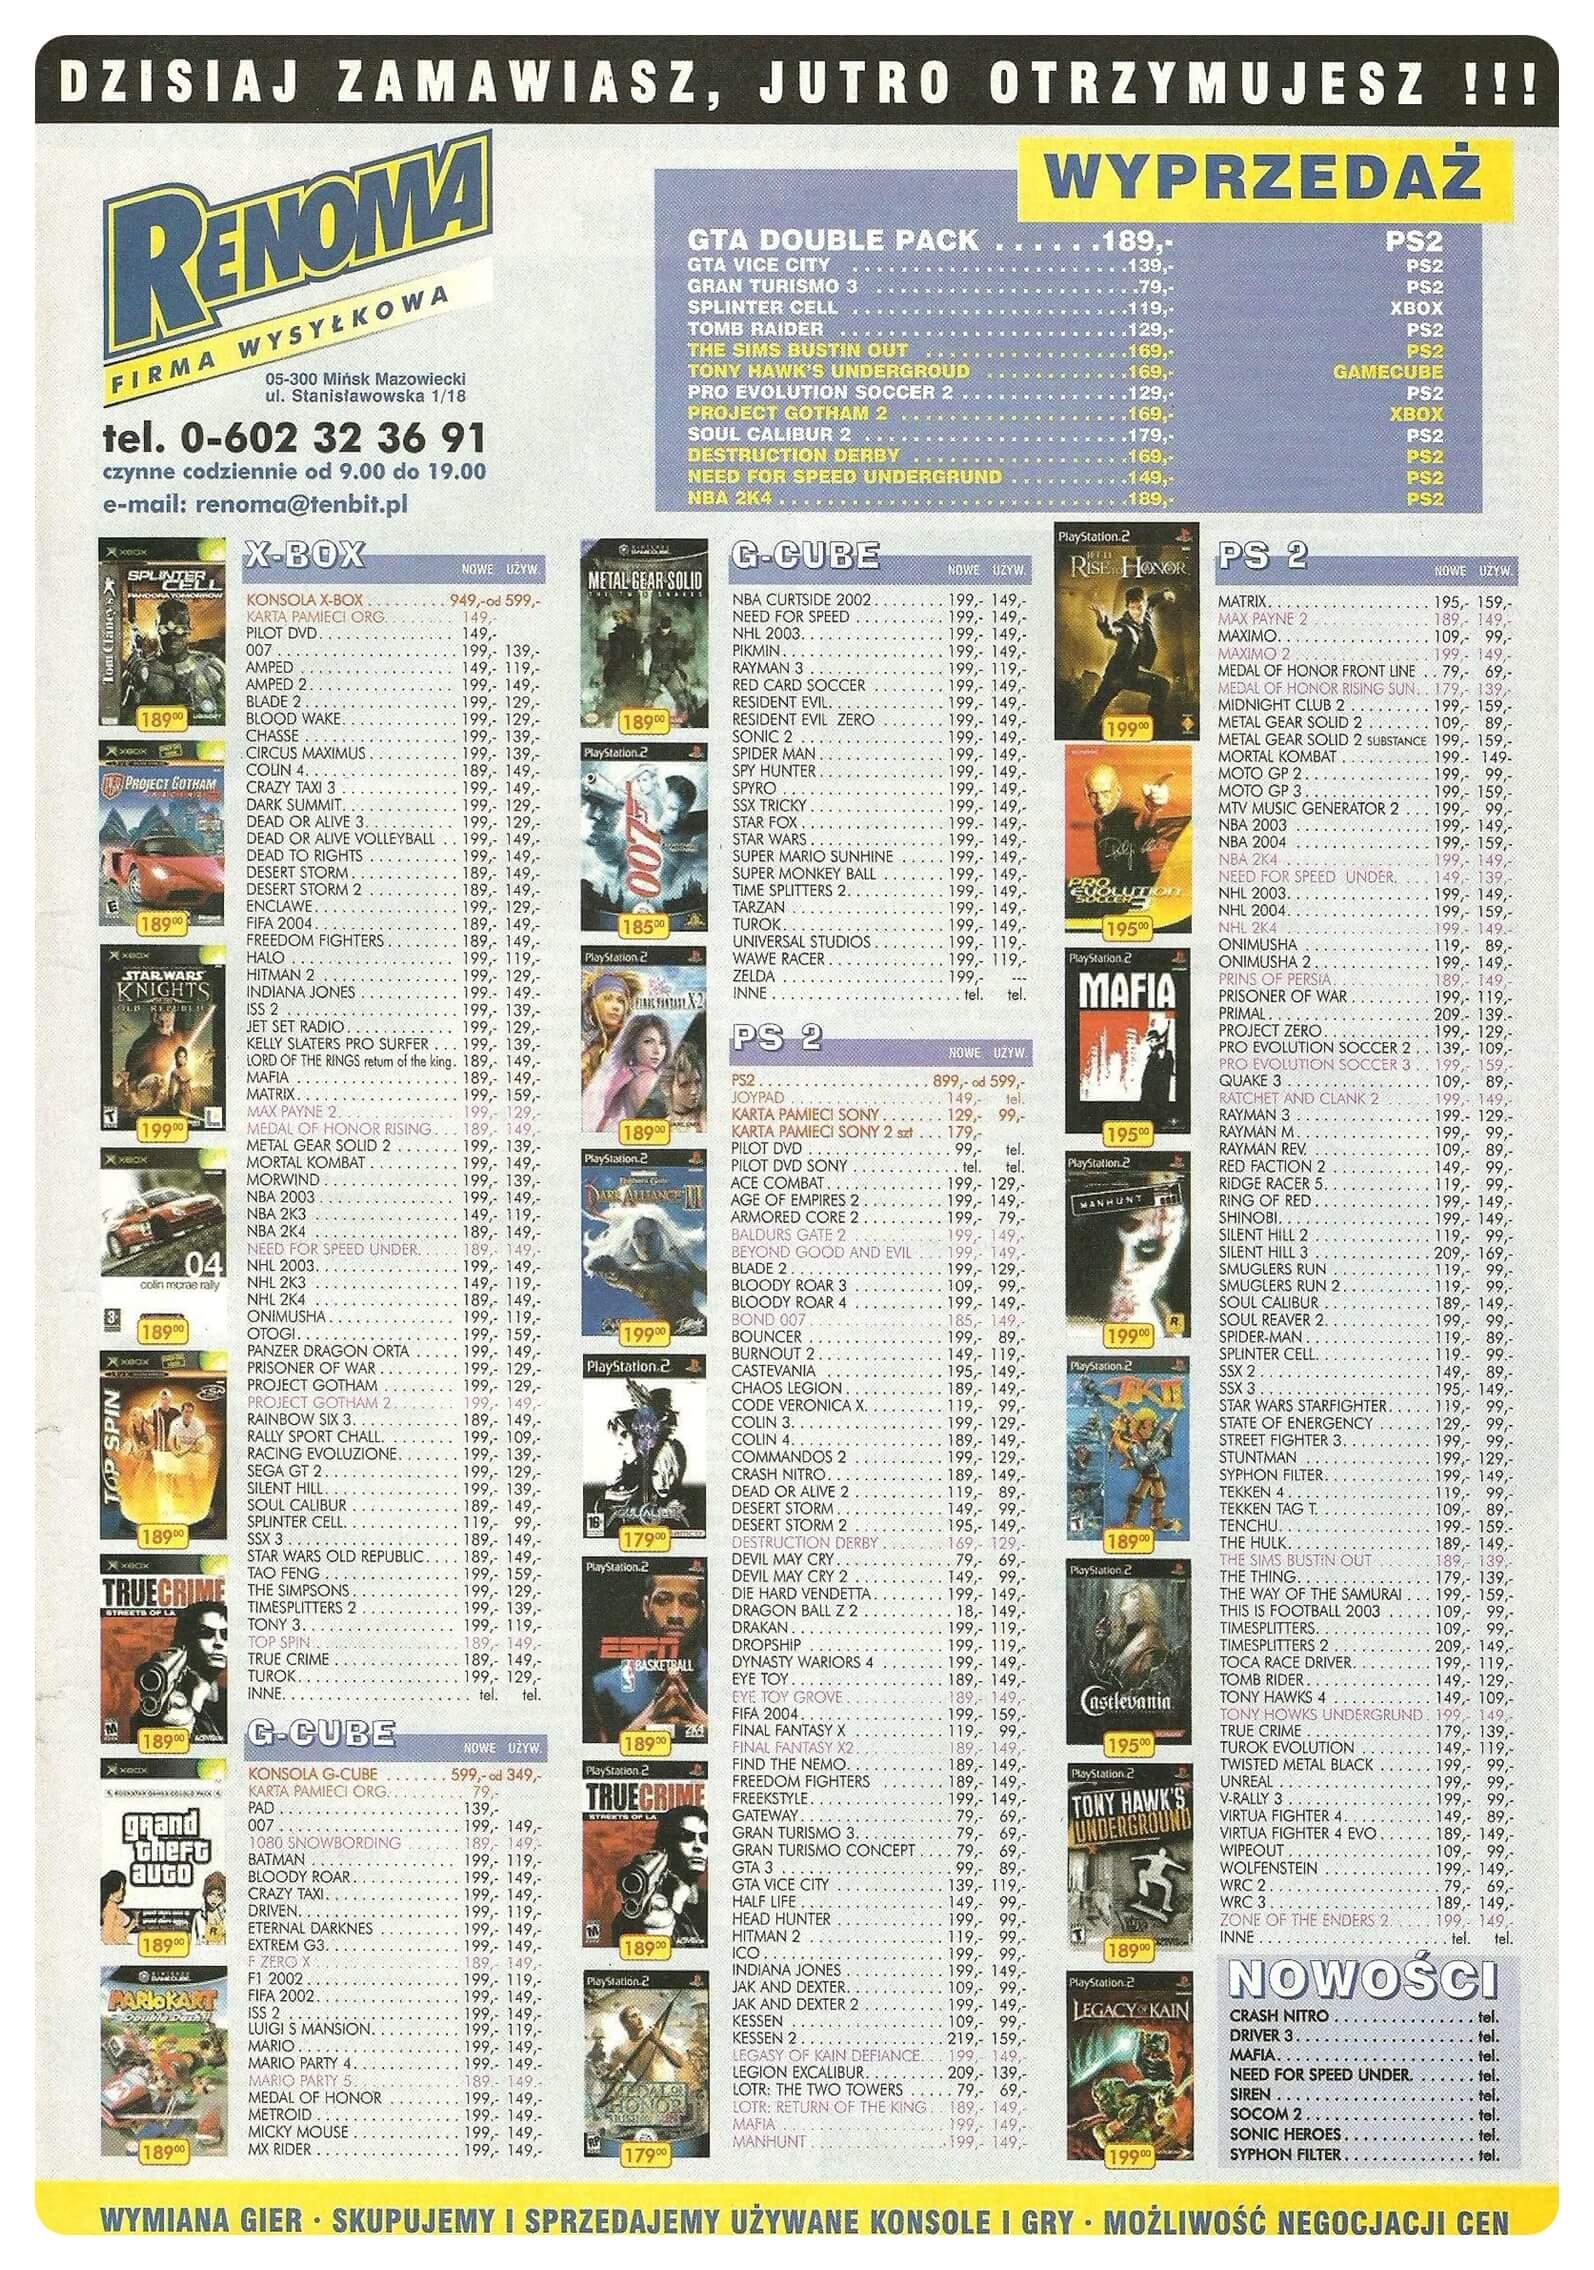 Neo Plus nr 066 20049q4 - Jak wyglądały ceny różnych konsol w Polsce w latach 1996-2006?